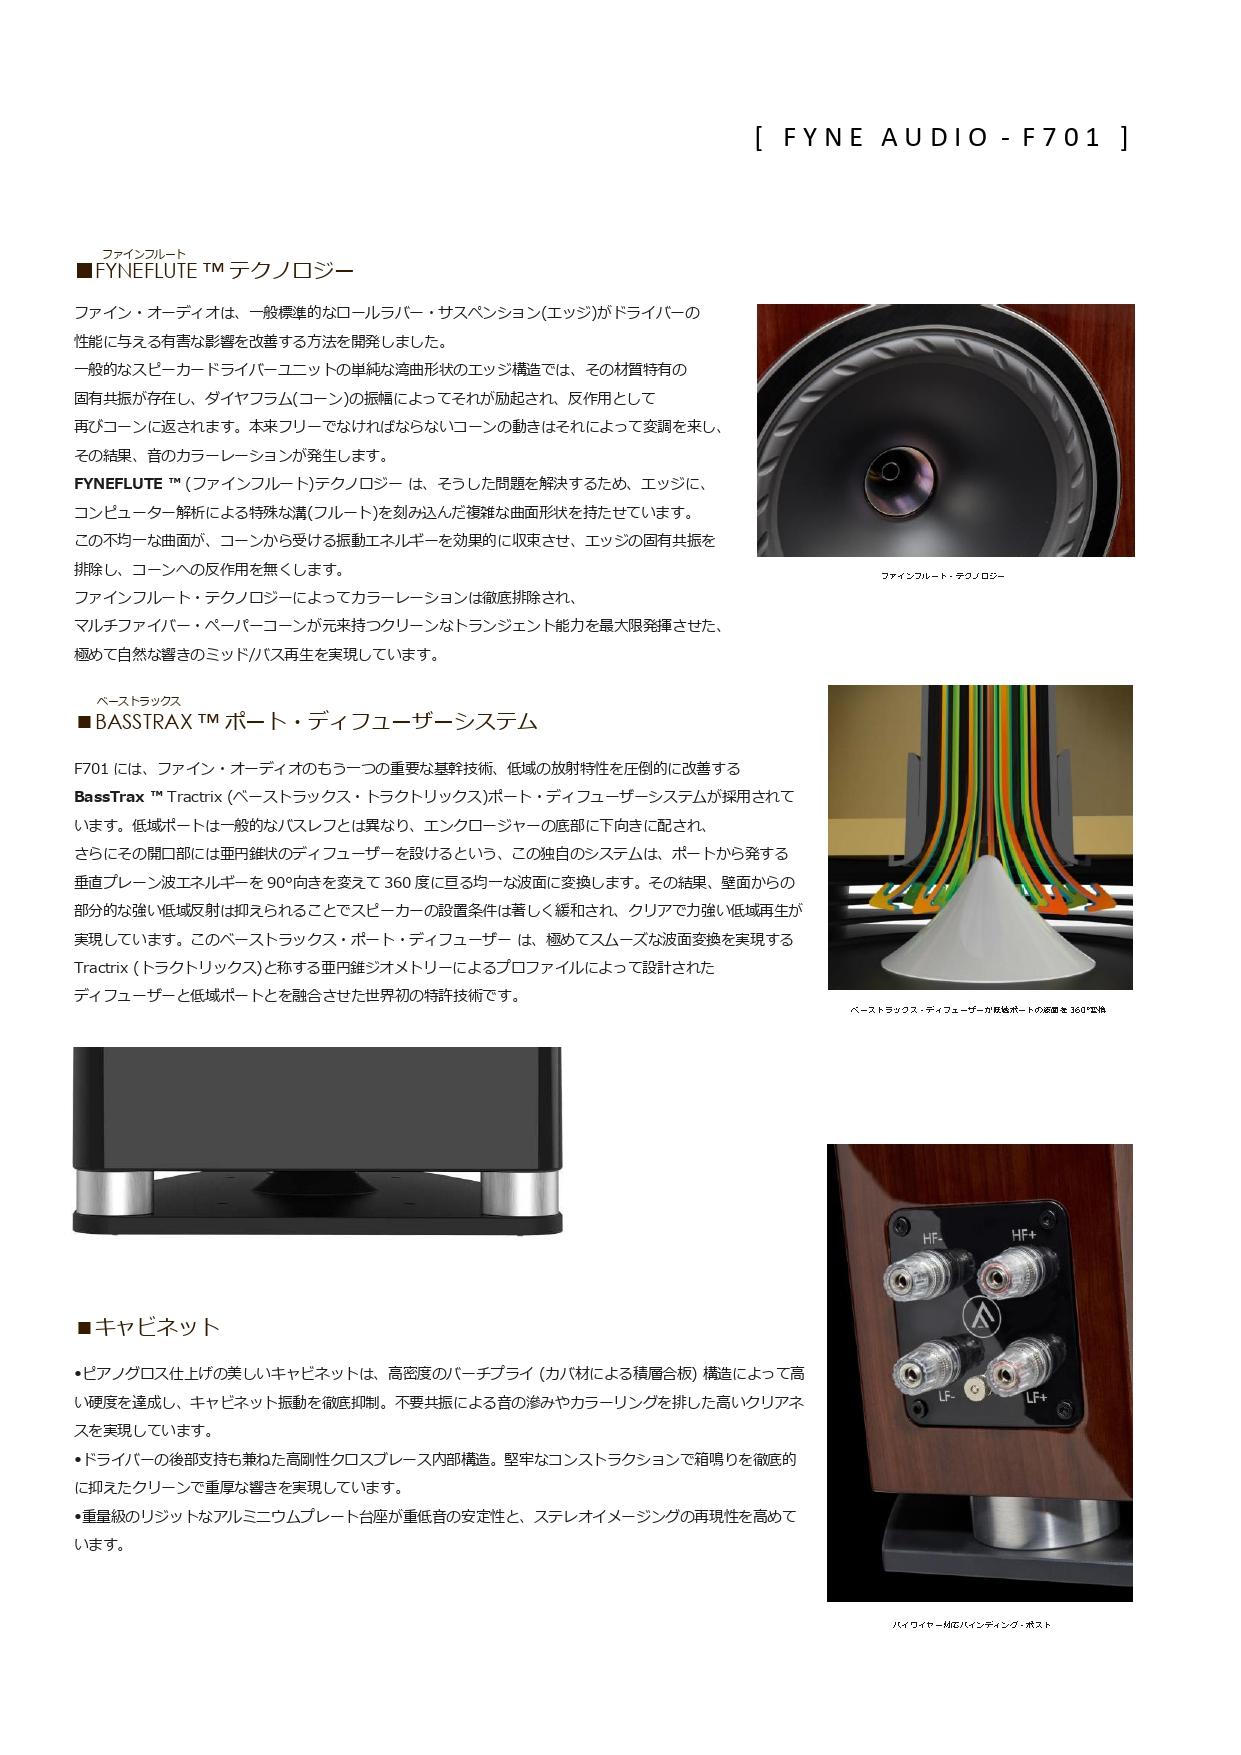 新製品案内_Fyne Audio_F701_page-0004